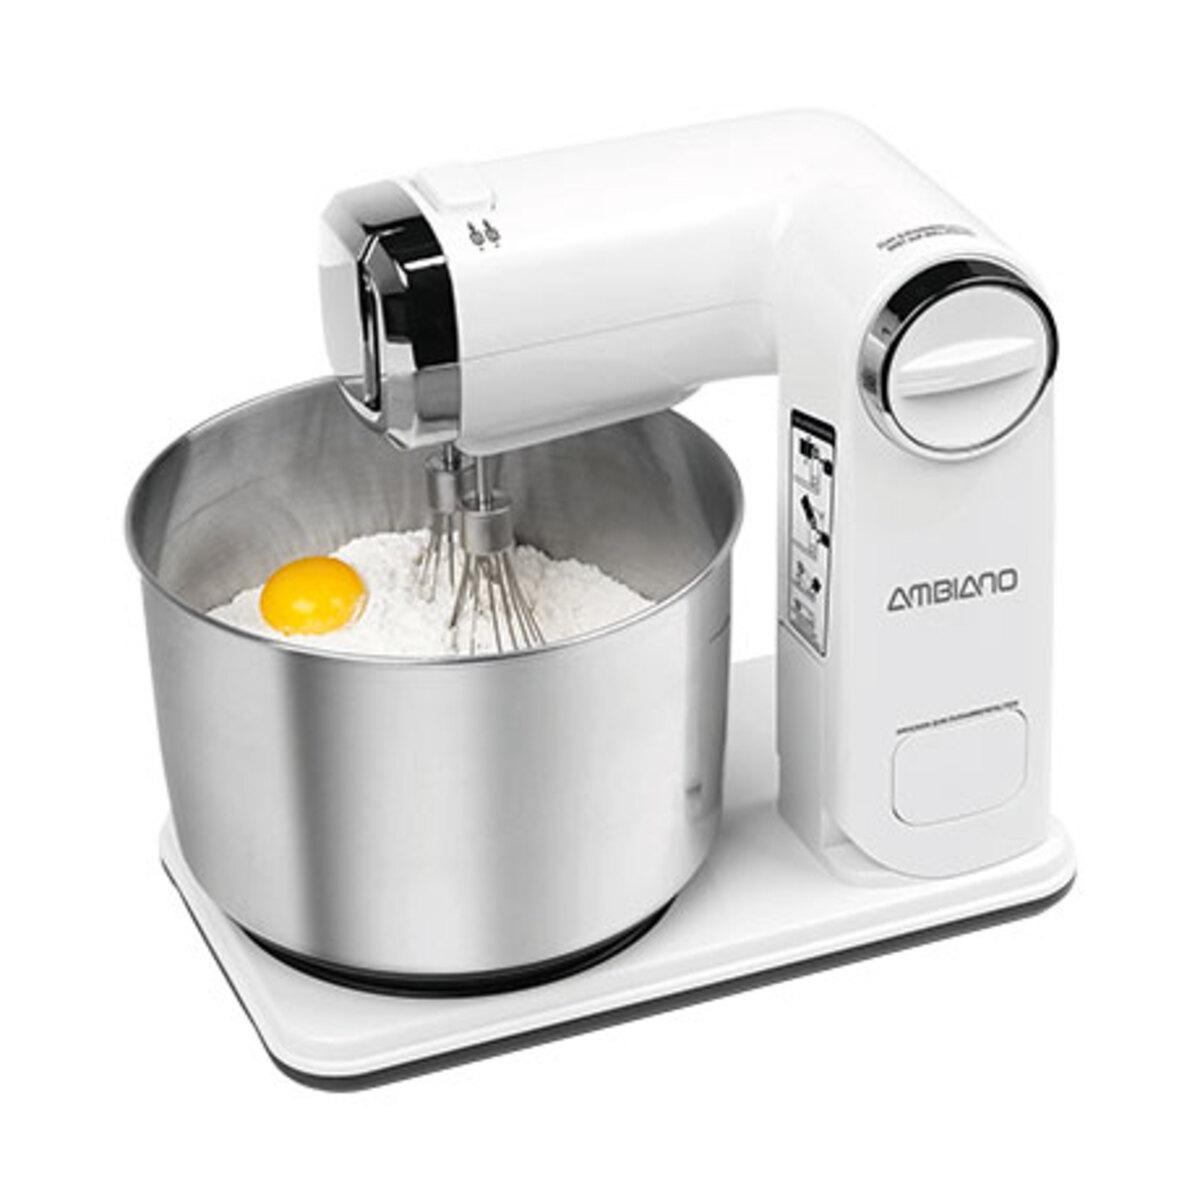 Bild 2 von Faltbare Küchenmaschine Weiß1